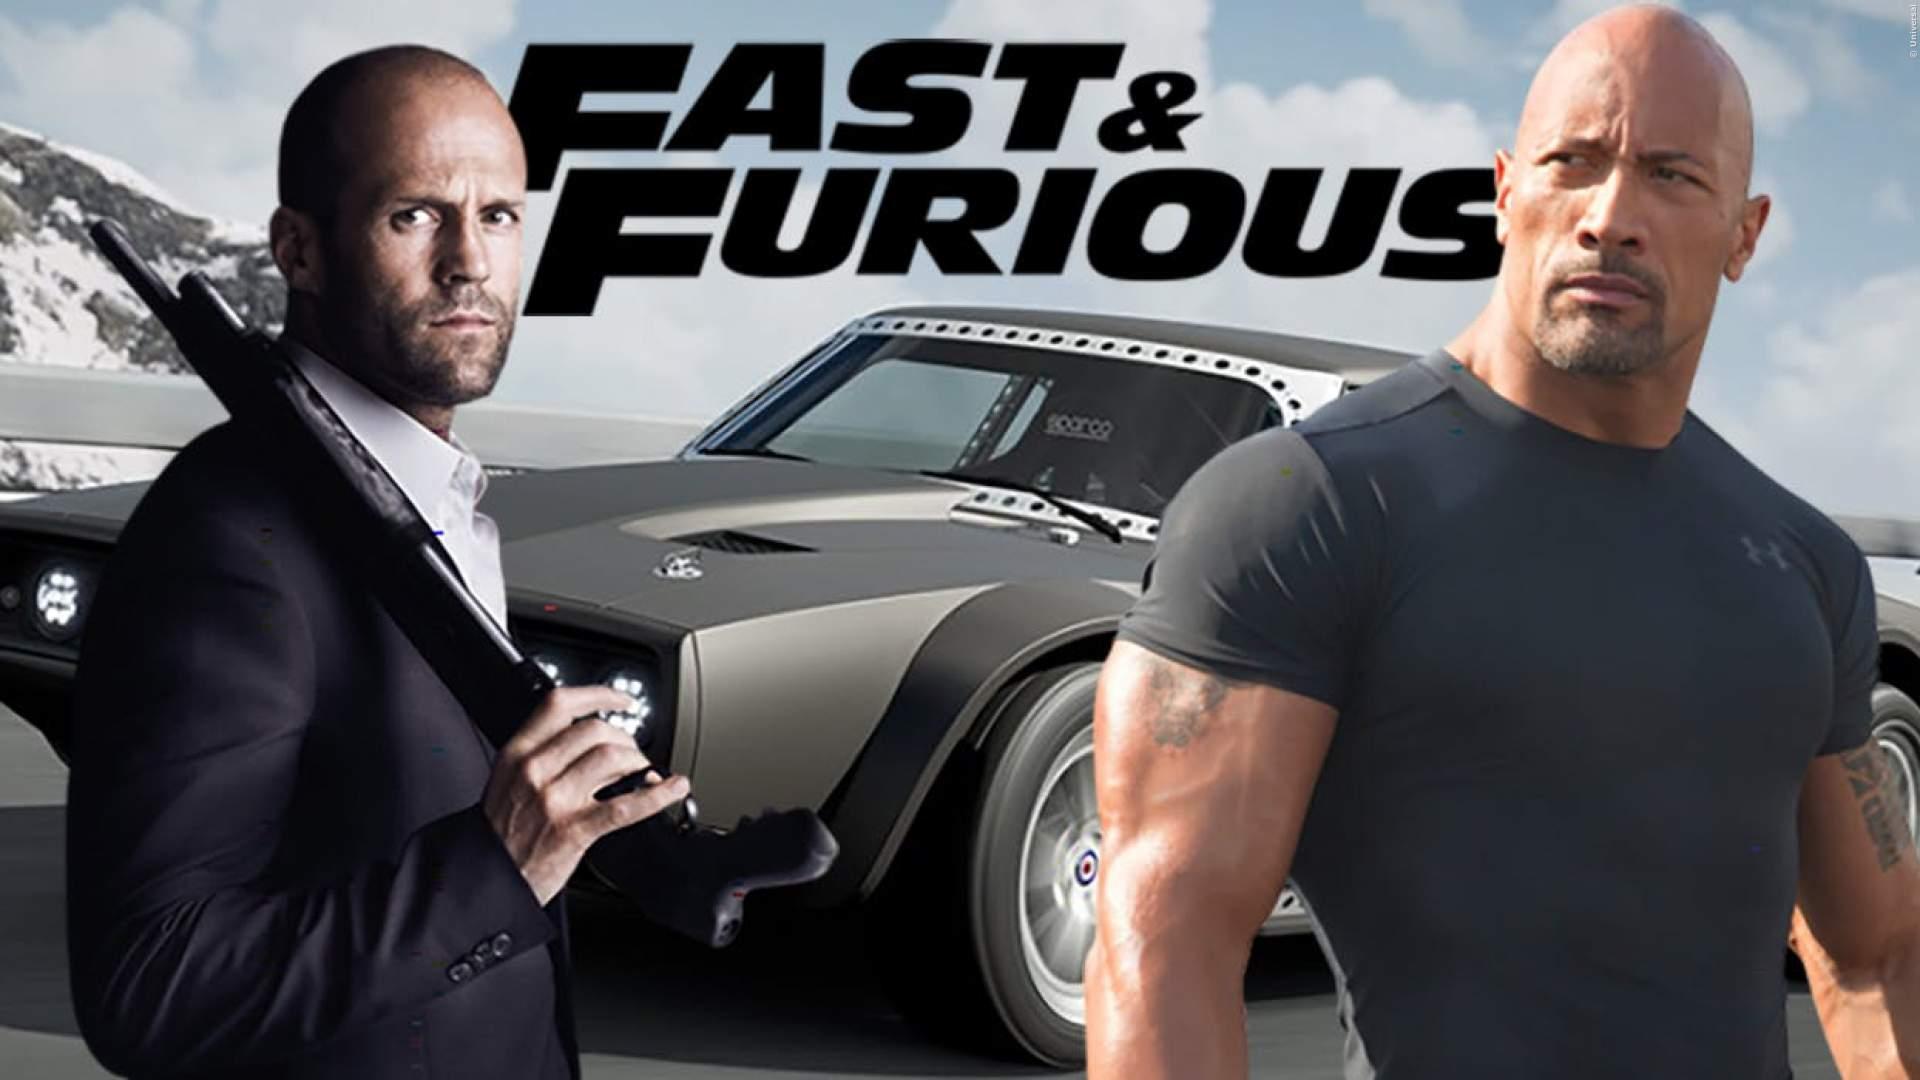 RACHE: Spielt Jason Statham doch in 'Fast & Furious 9' und ist Han der Grund?